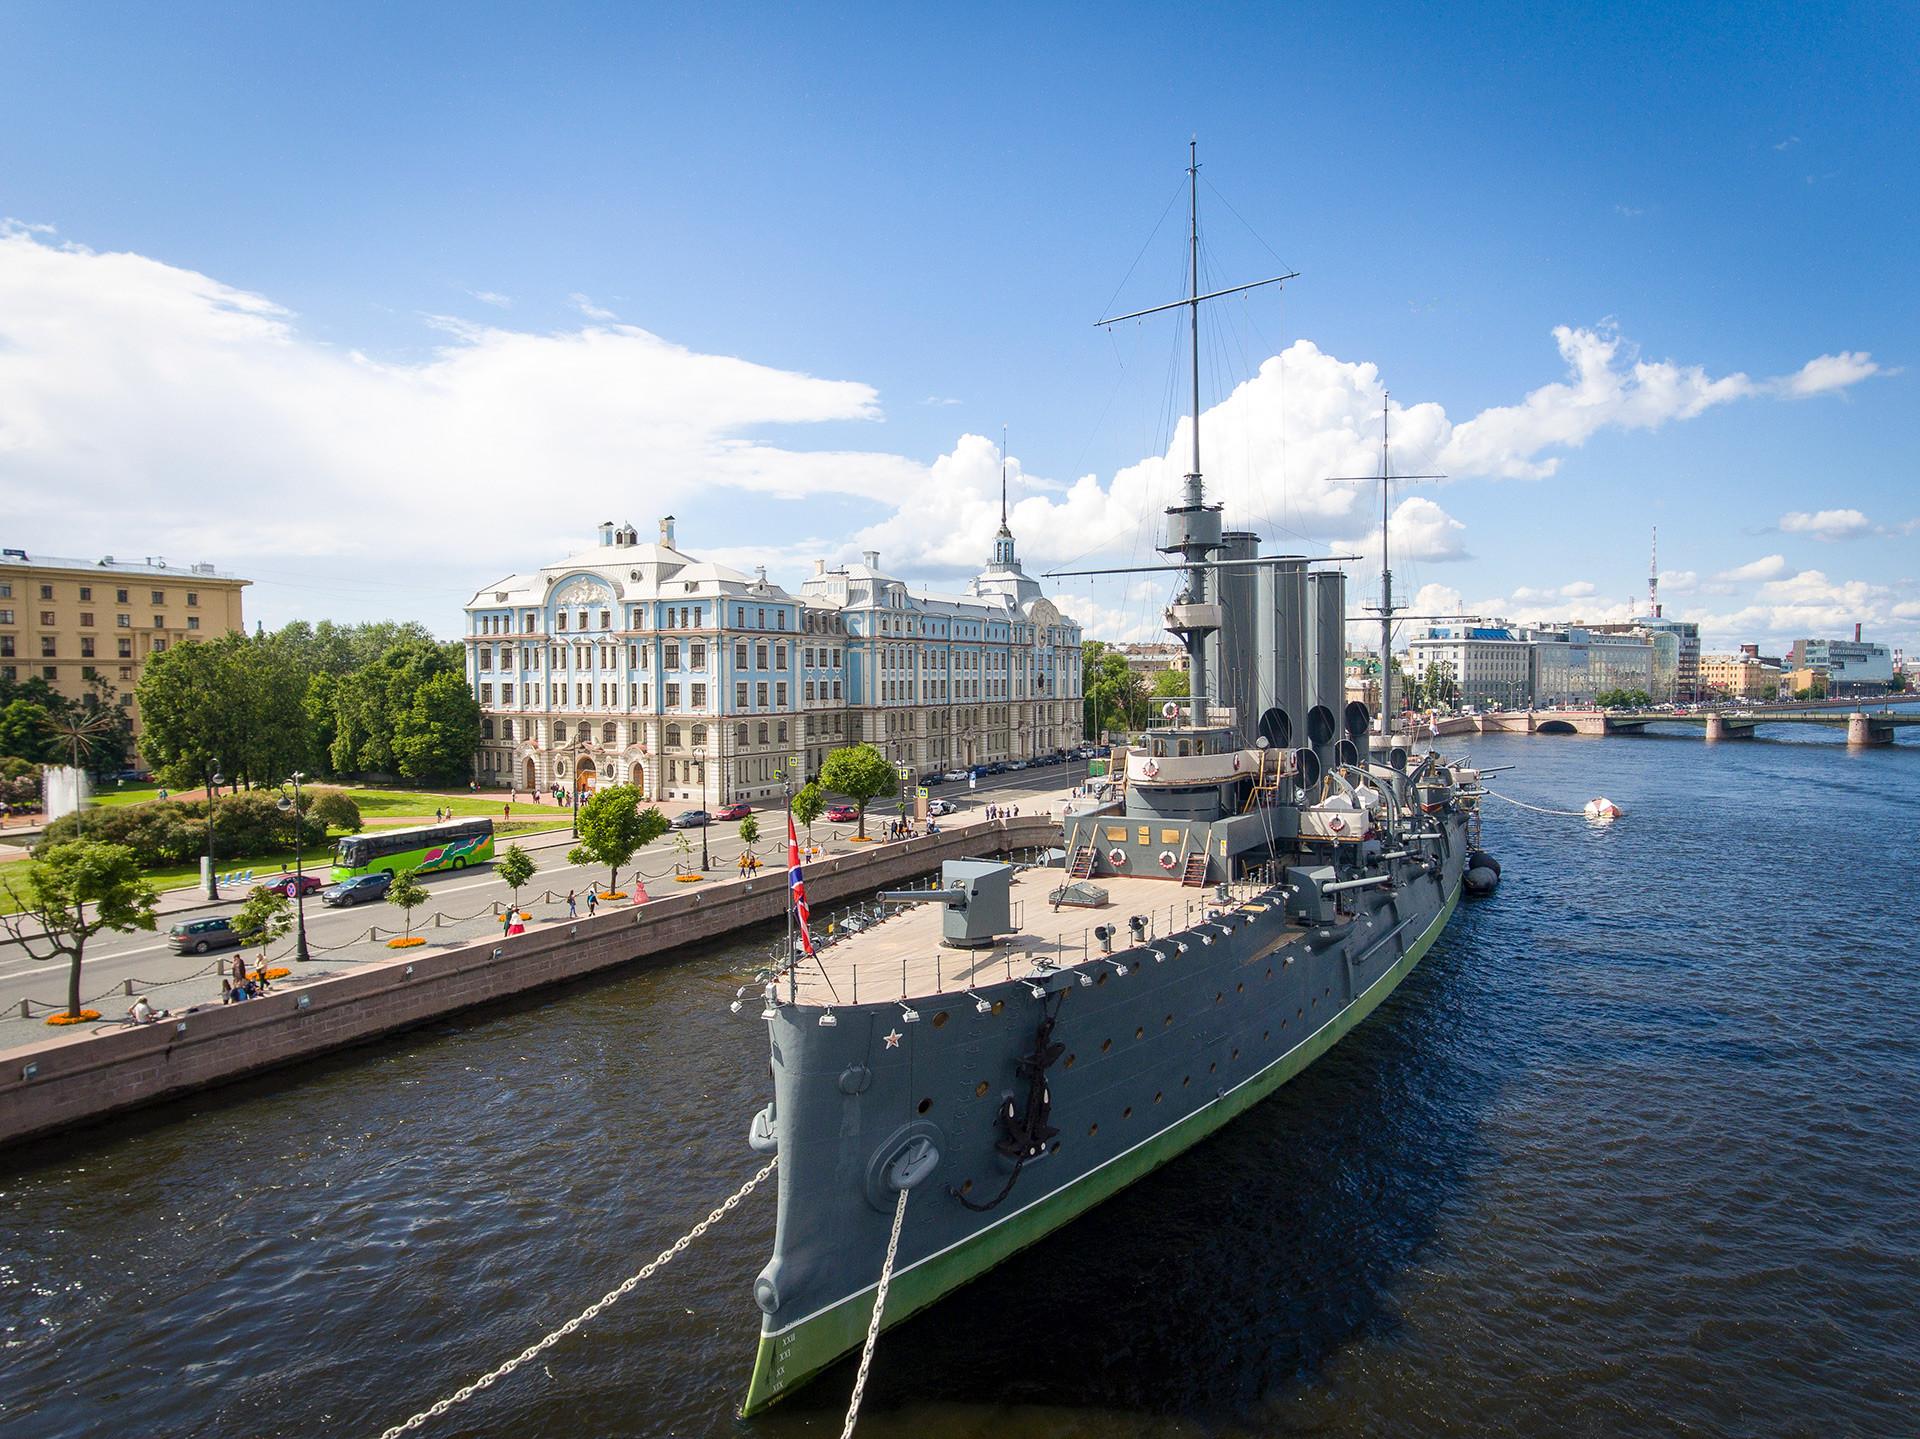 интернет-магазине фото крейсера аврора в санкт петербурге ориентал относится